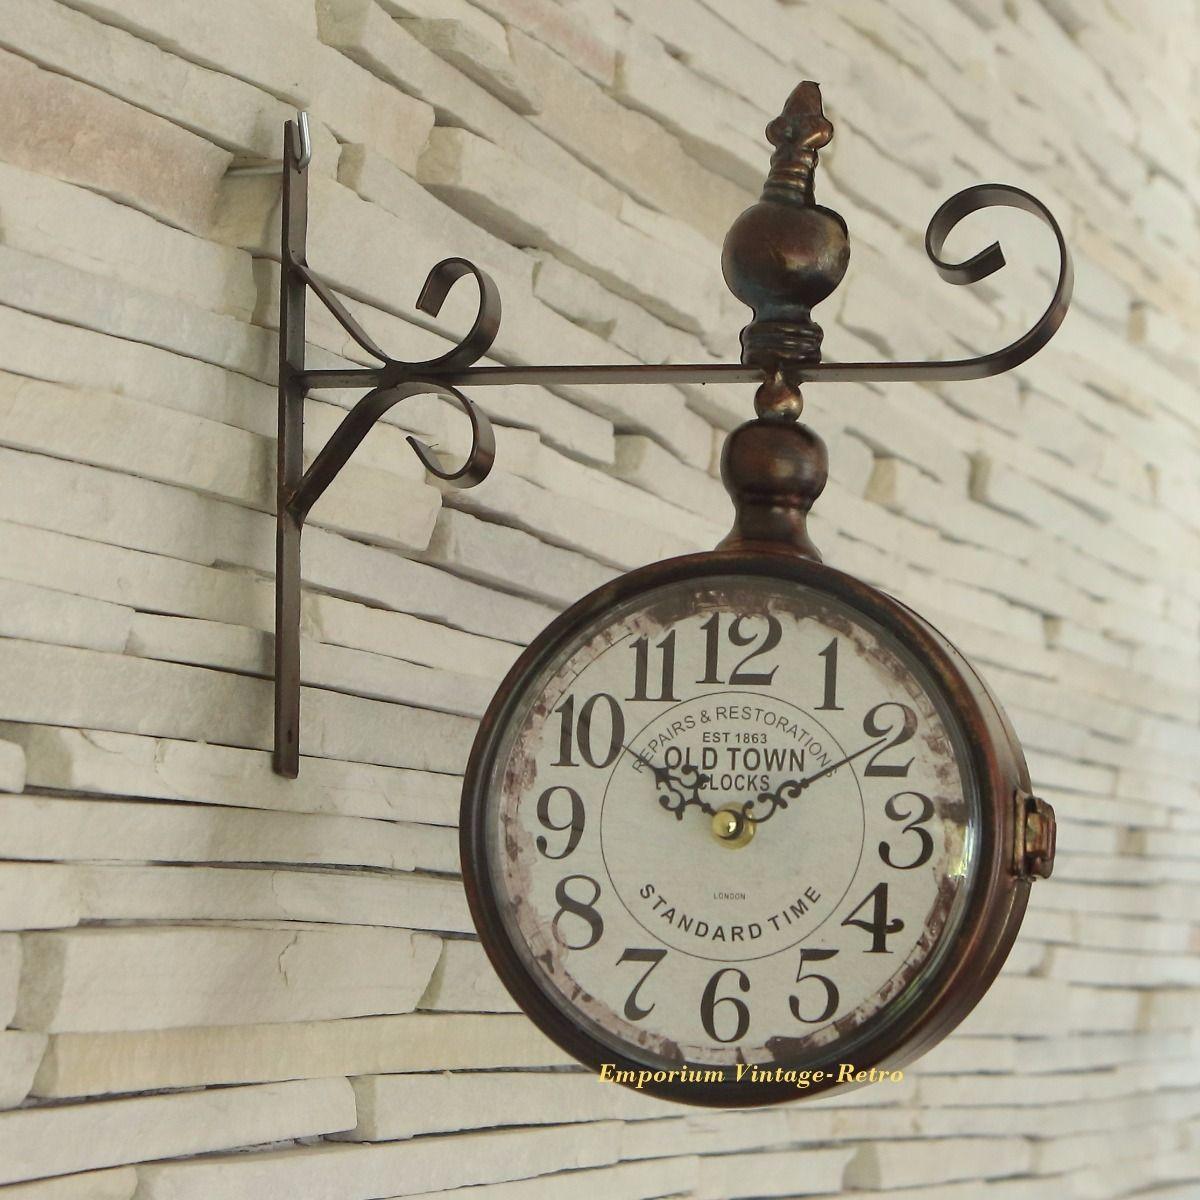 Relógio De Parede Dupla Face Estação Vintage Retrô Lindo R 174 00 Em Mercado Livre Relógio De Parede Vintage Vintage Retrô